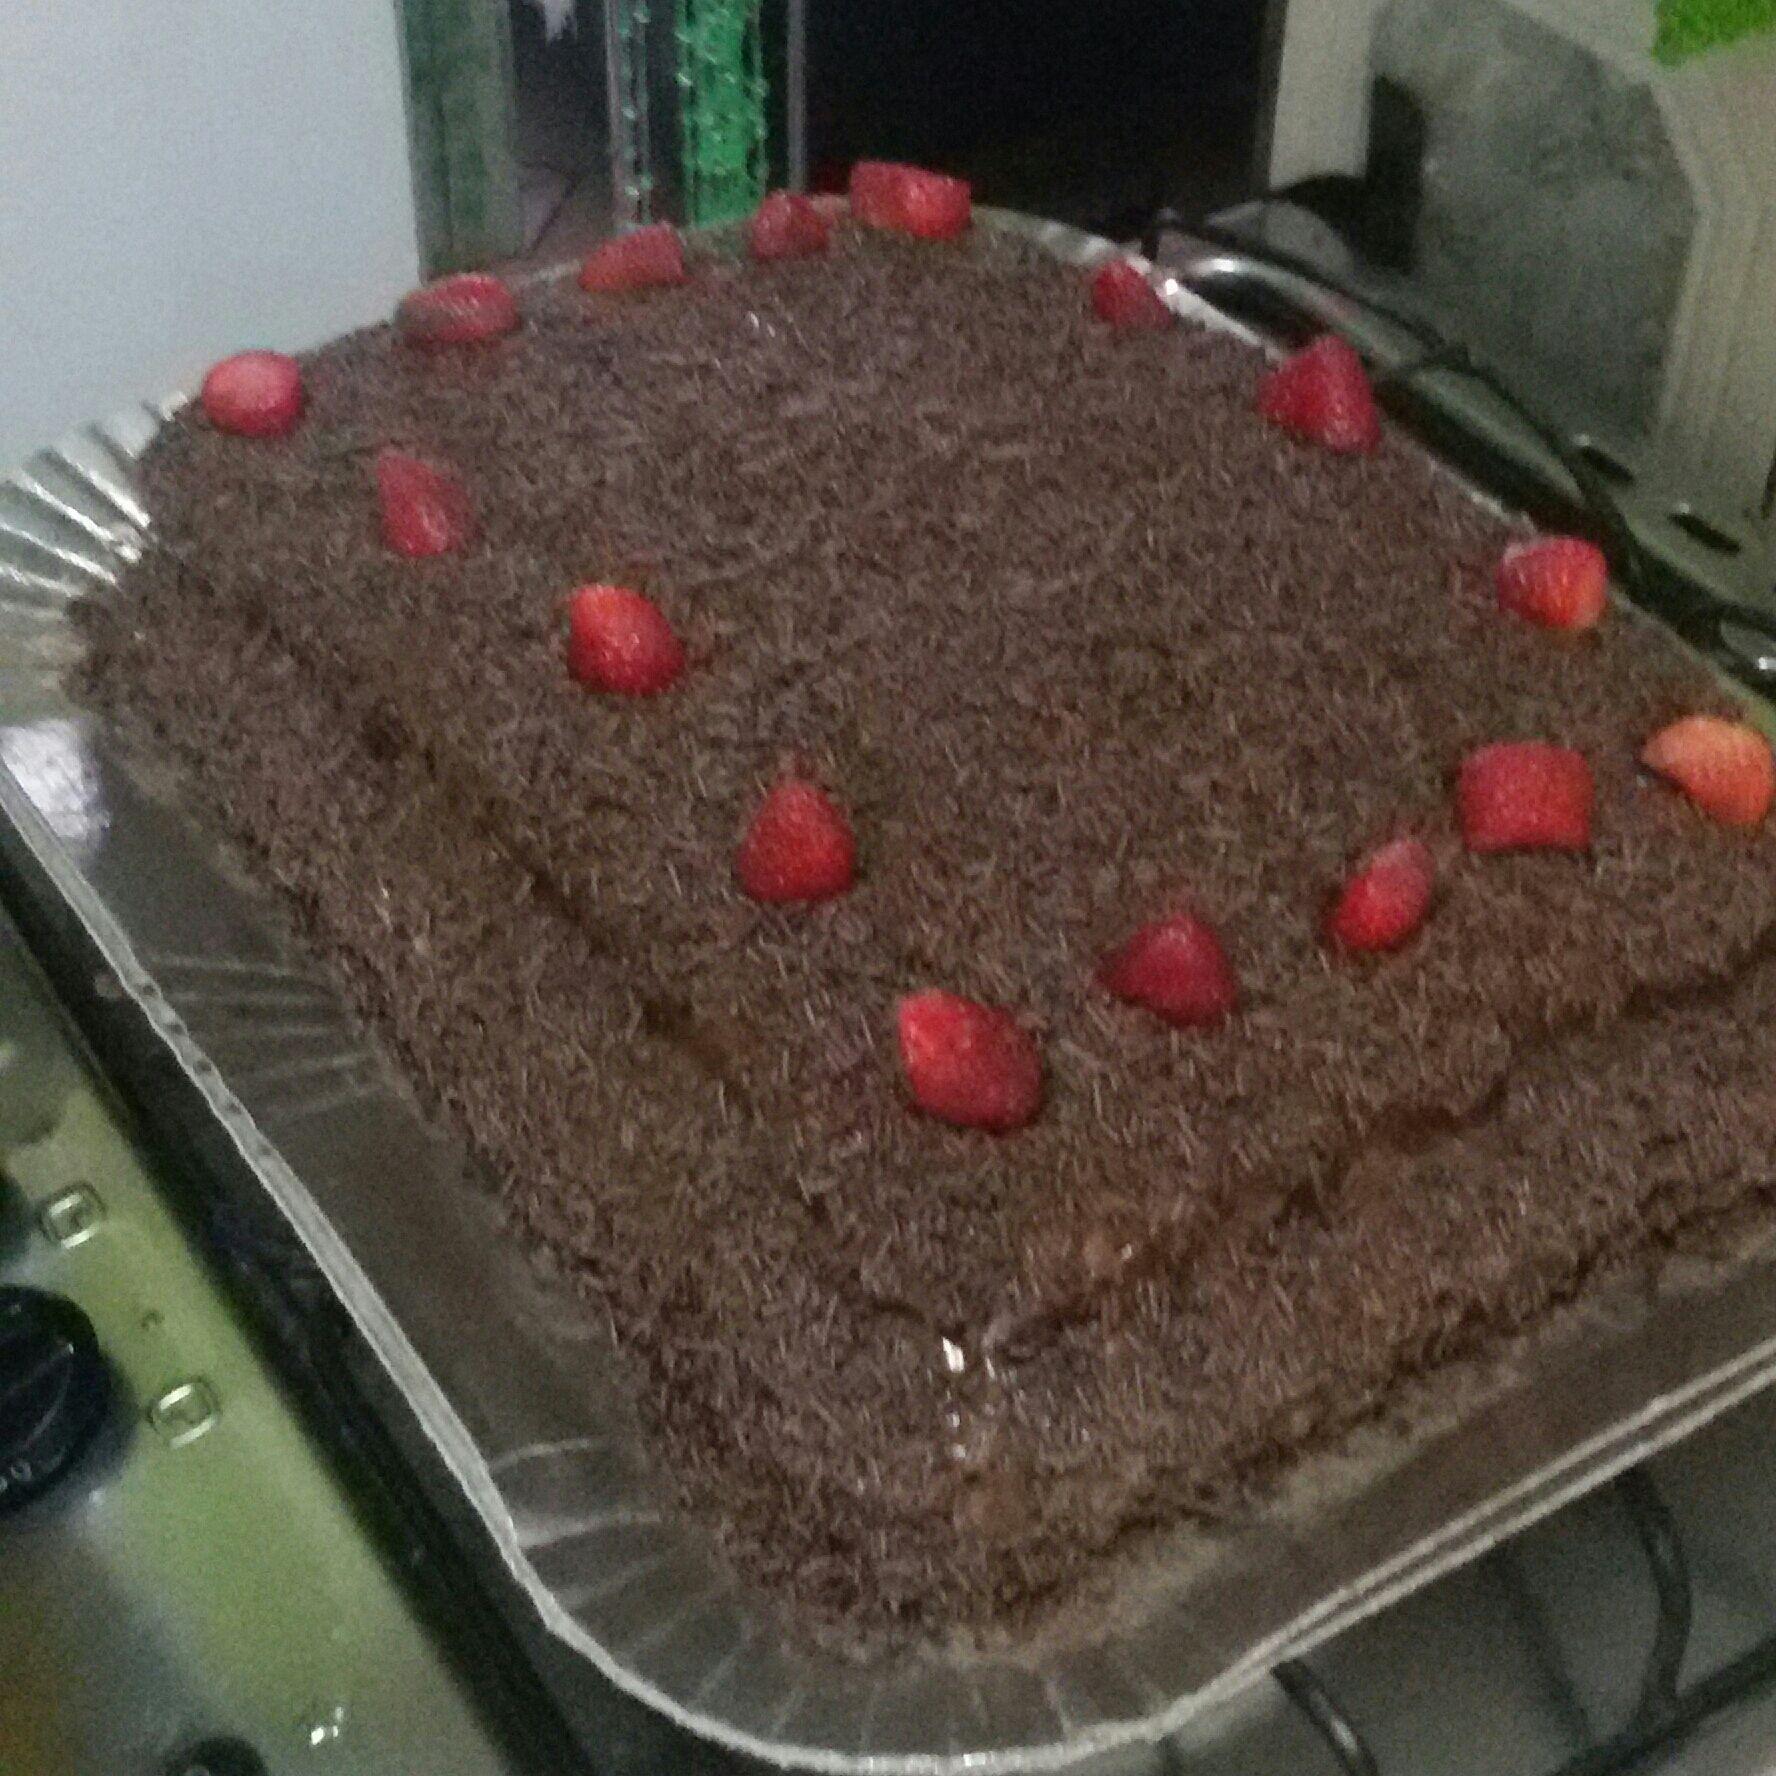 Recheio de chocolate para bolos, tortas, doces, sorvetes